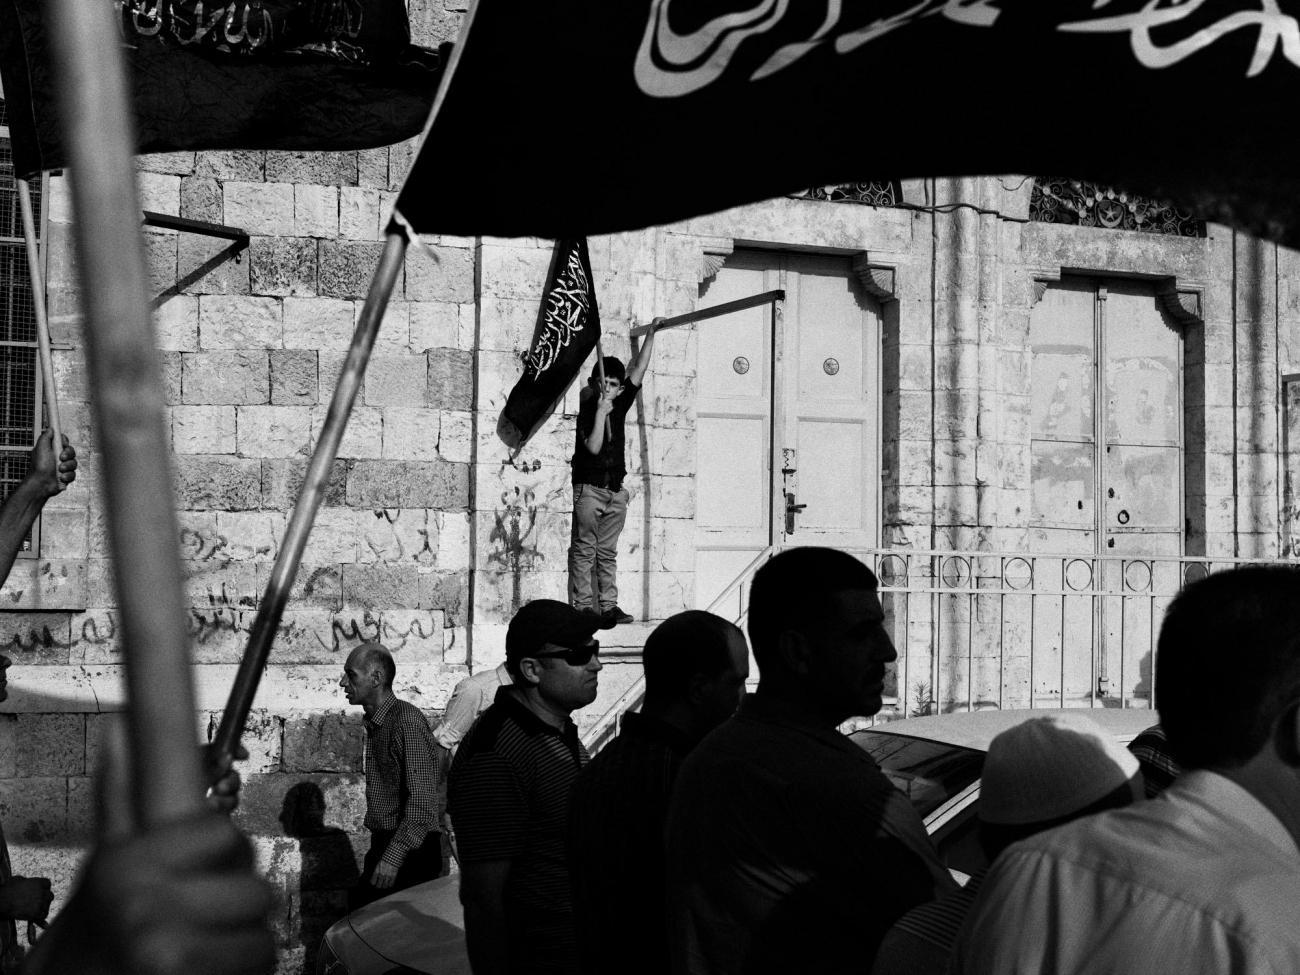 Les manifestations qui se tiennent parfois le vendredi après la prière donnent souvent lieu à des débordements violents. Palestine. 2018.  © Moises Saman/Magnum Photos